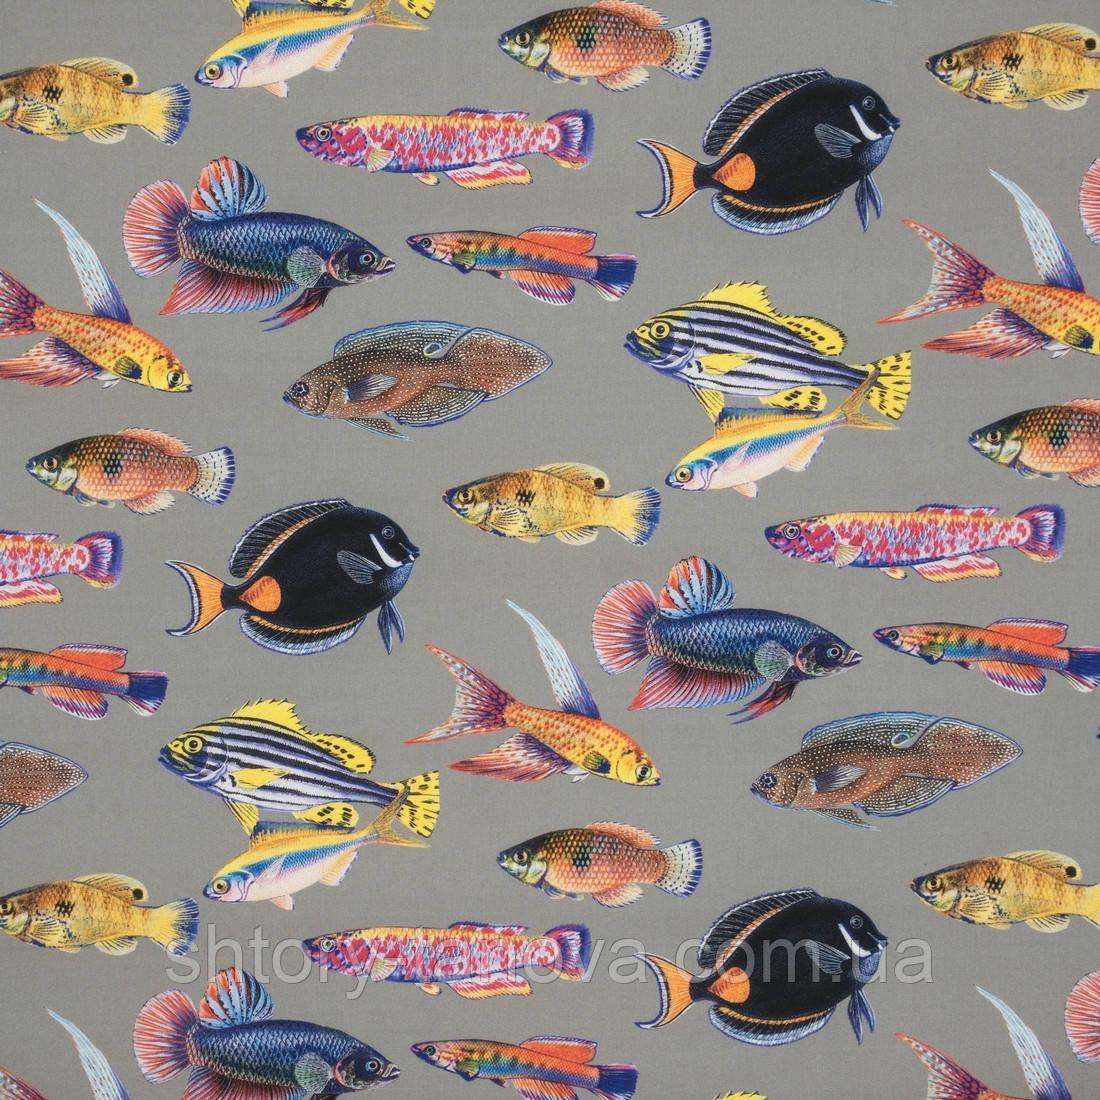 Дралон принт вардо/vardo фон т. беж,кольорові рибки